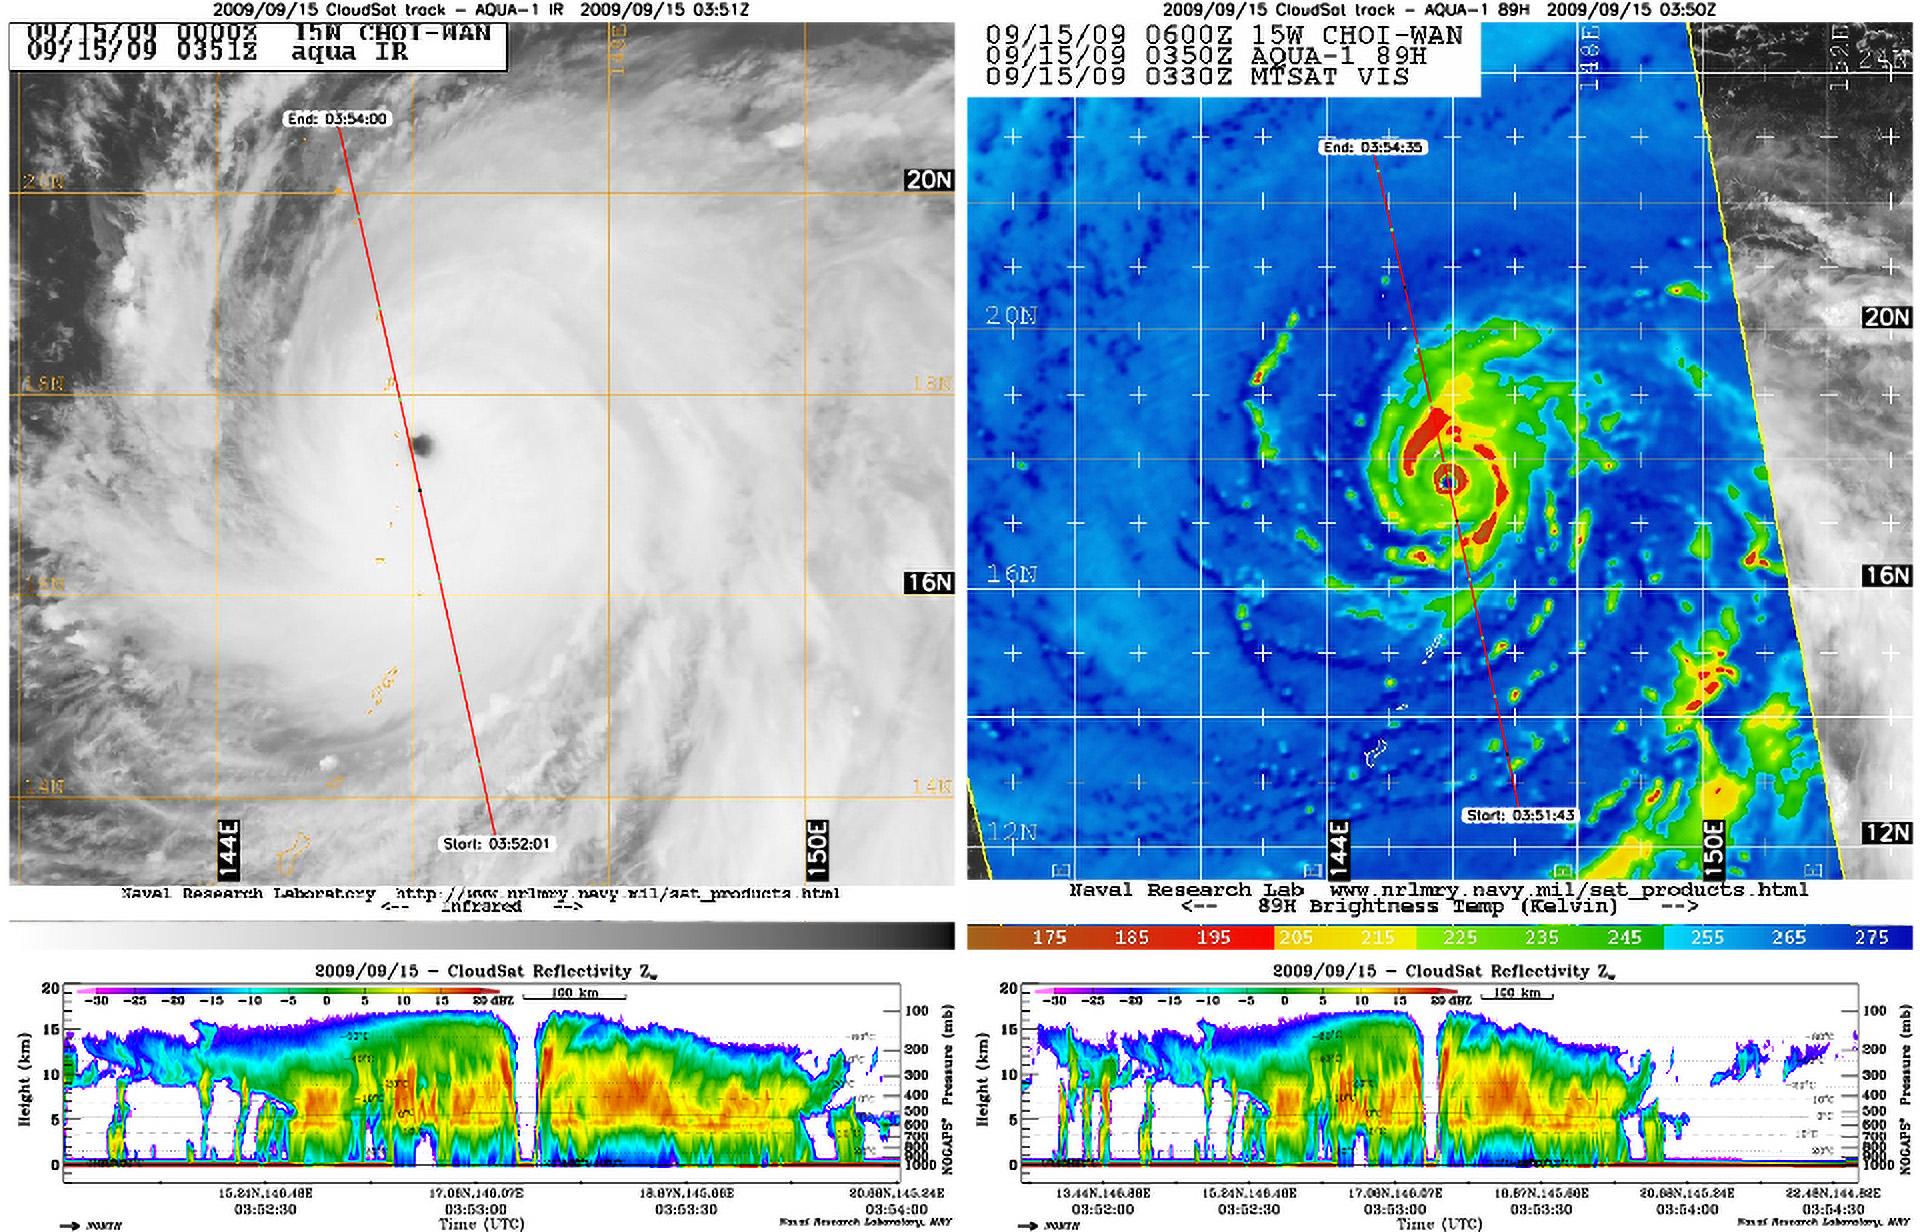 Tajfun Choi-Wan nad zachodnią częścią Pacyfiku obserwowany przez instrumenty obrazujące oraz radar profilujący satelity CloudSat. Po lewej stronie obraz instrumentu MODIS, po prawej dane z radiometru mikrofalowego AMSRE-E. Na obydwu obrazach czerwoną linią zaznaczona została ścieżka, wzdłuż której przeleciał CloudSat i dla której zebrane zostały dane radarowe. Sam profil radarowy widoczny jest poniżej obserwacji MODIS/AMSR-E. Doskonale widać na nich niemal bezchmurne oko cyklu. Rys. NASA